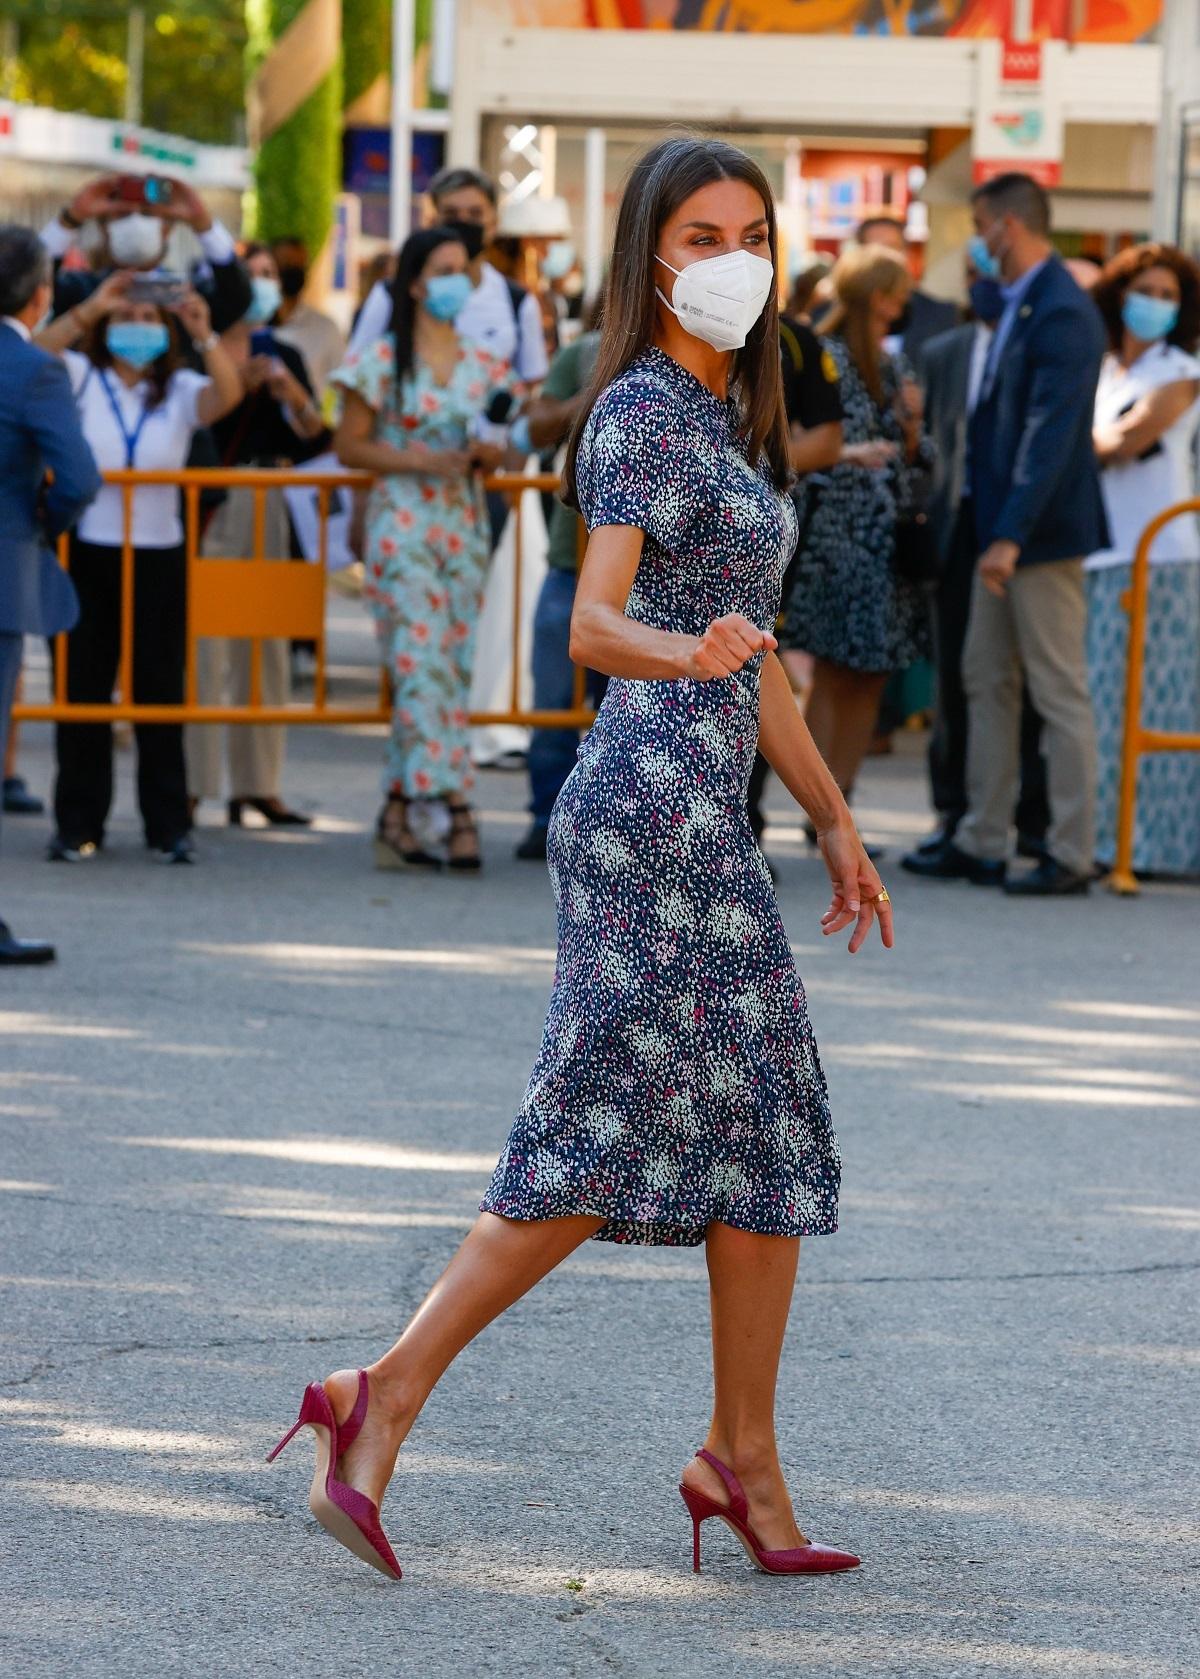 La reina Letizia con un vestido midi en print.